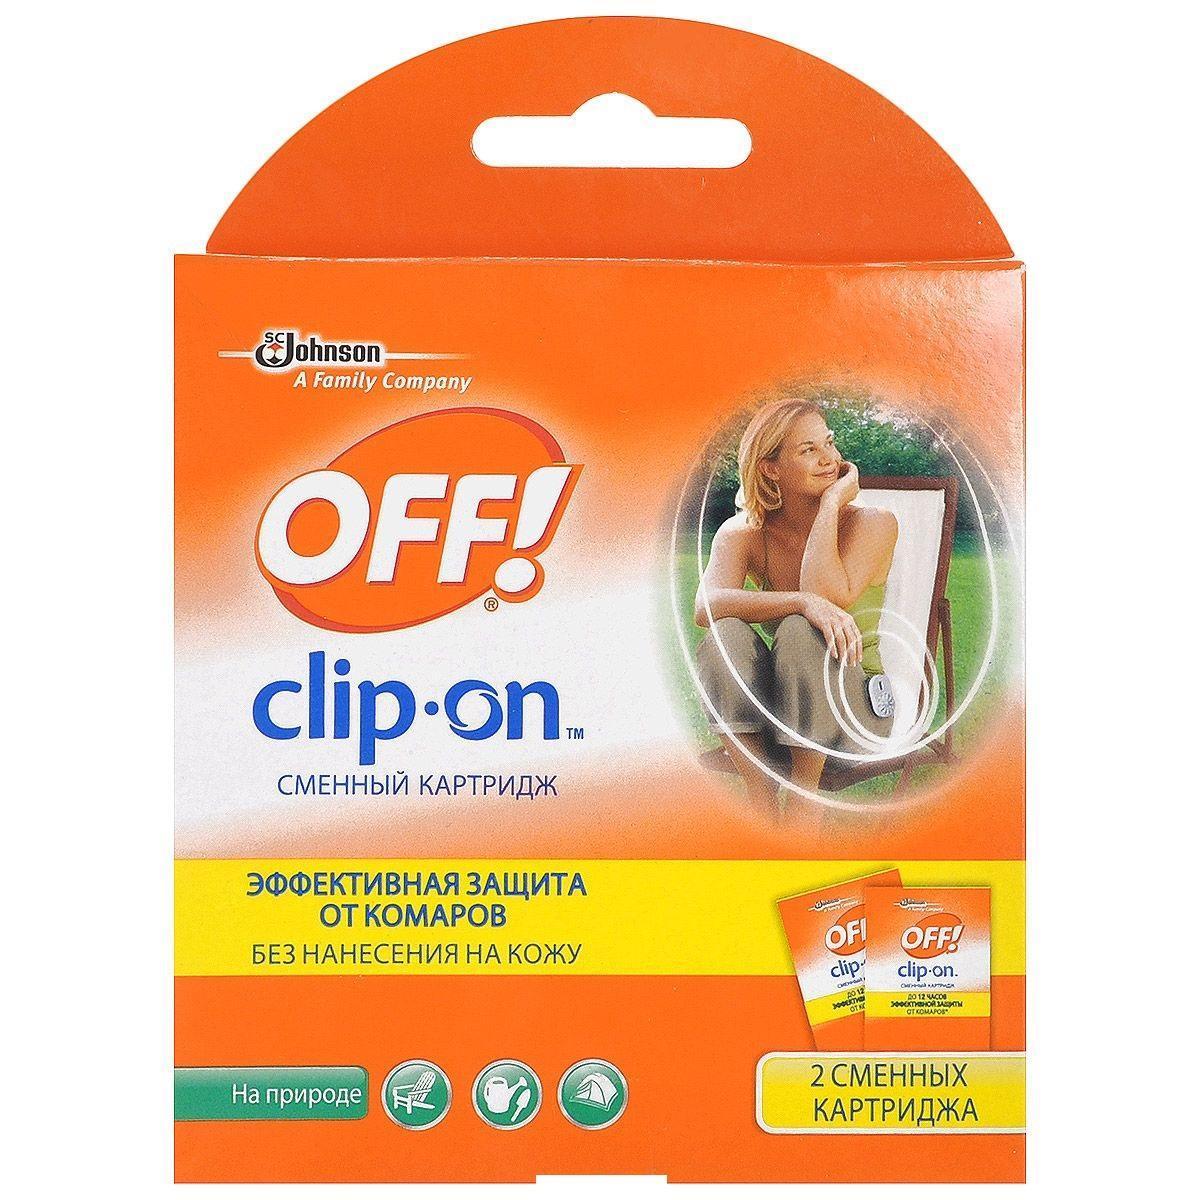 Комплект сменных картриджей ОFF Clip-On, 2 шт646424Сменные картриджи с отпугивающей жидкостью предназначены для портативного самораспыляющегося отпугивателя комаров ОFF Clip-On. Портативный репеллент идеален для использования на открытом воздухе и в хорошо проветриваемых помещениях (террасы, балконы, веранды, кемпинги, туристические палатки и др.) В течение нескольких минут после включения прибора вокруг человека образуется защитное облако, отпугивающее комаров. Безопасная и эффективная защита от комаров для потребителей, которые не любят наносить репелленты на кожу. Характеристики: Состав: метофлутрин - 31,2%, инертная основа (PET). Комплектация: 2 шт. Товар сертифицирован.